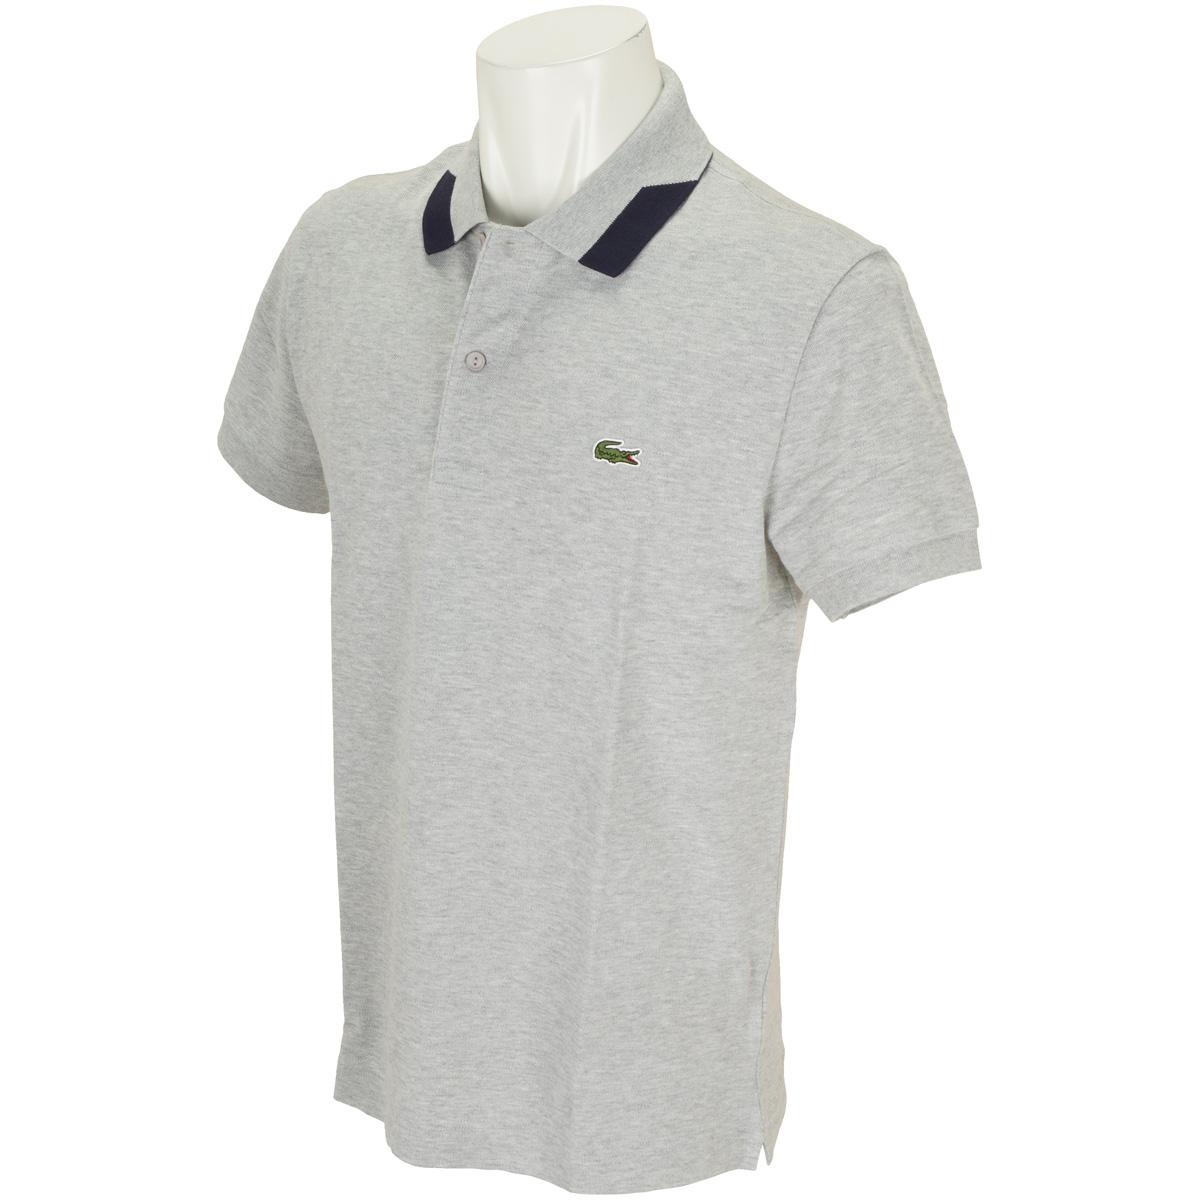 カラーブロック襟半袖ポロシャツ